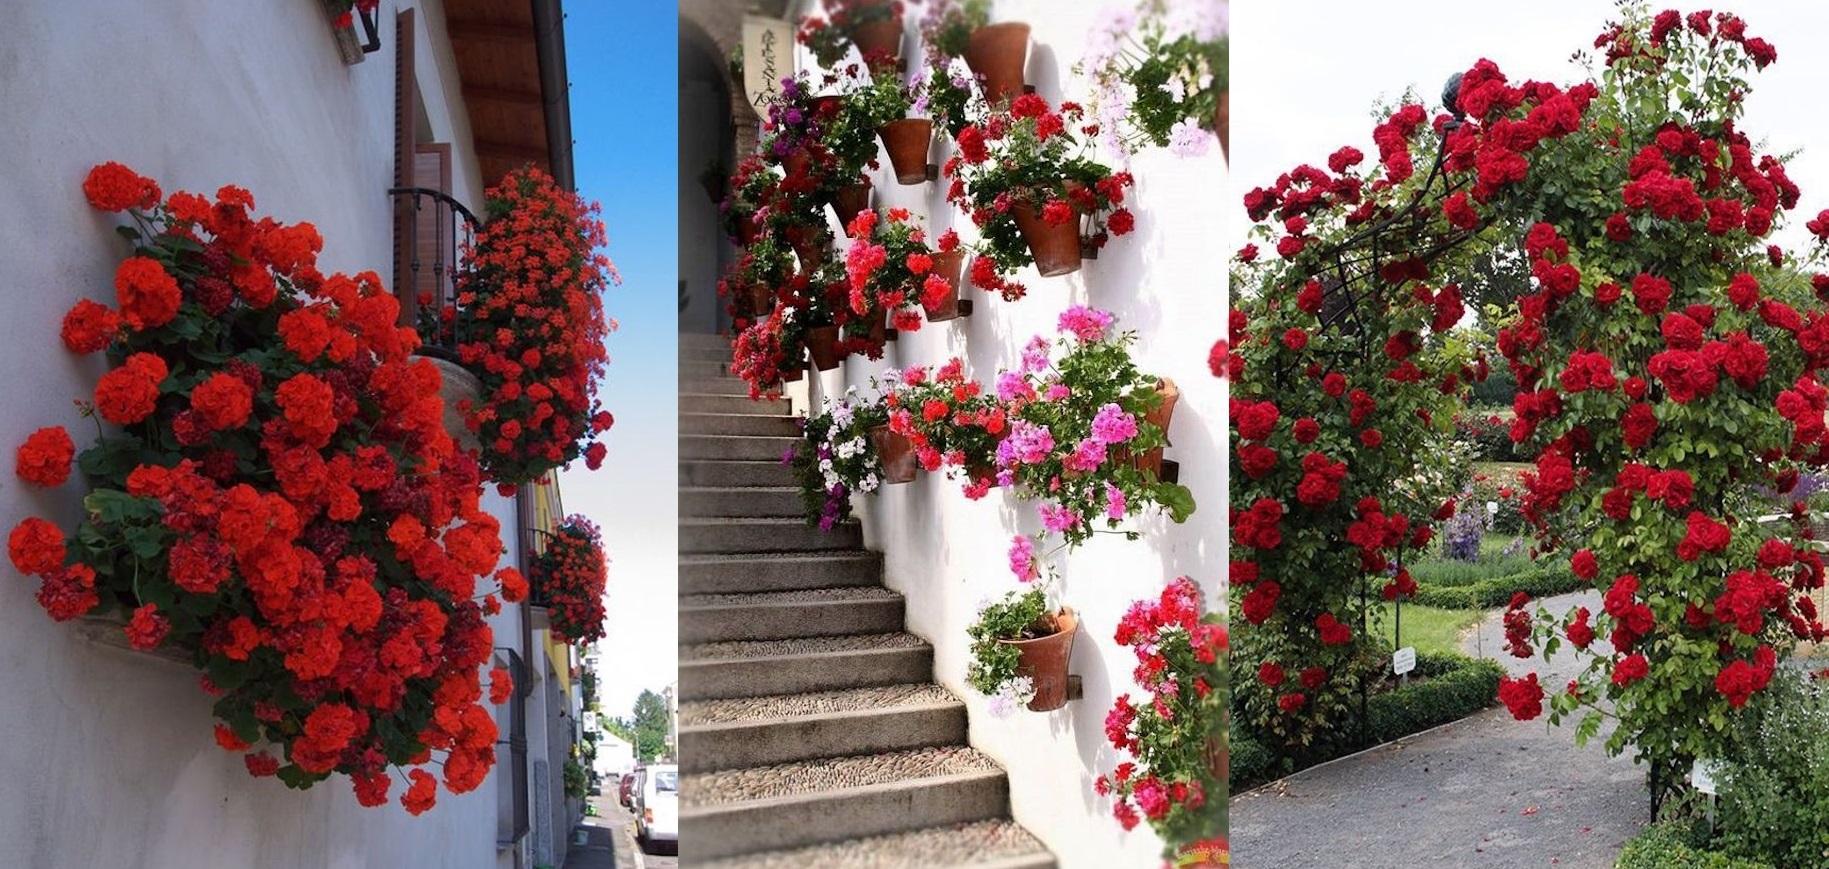 Aranjamente florale in explozie de culori pentru o curte fantastica